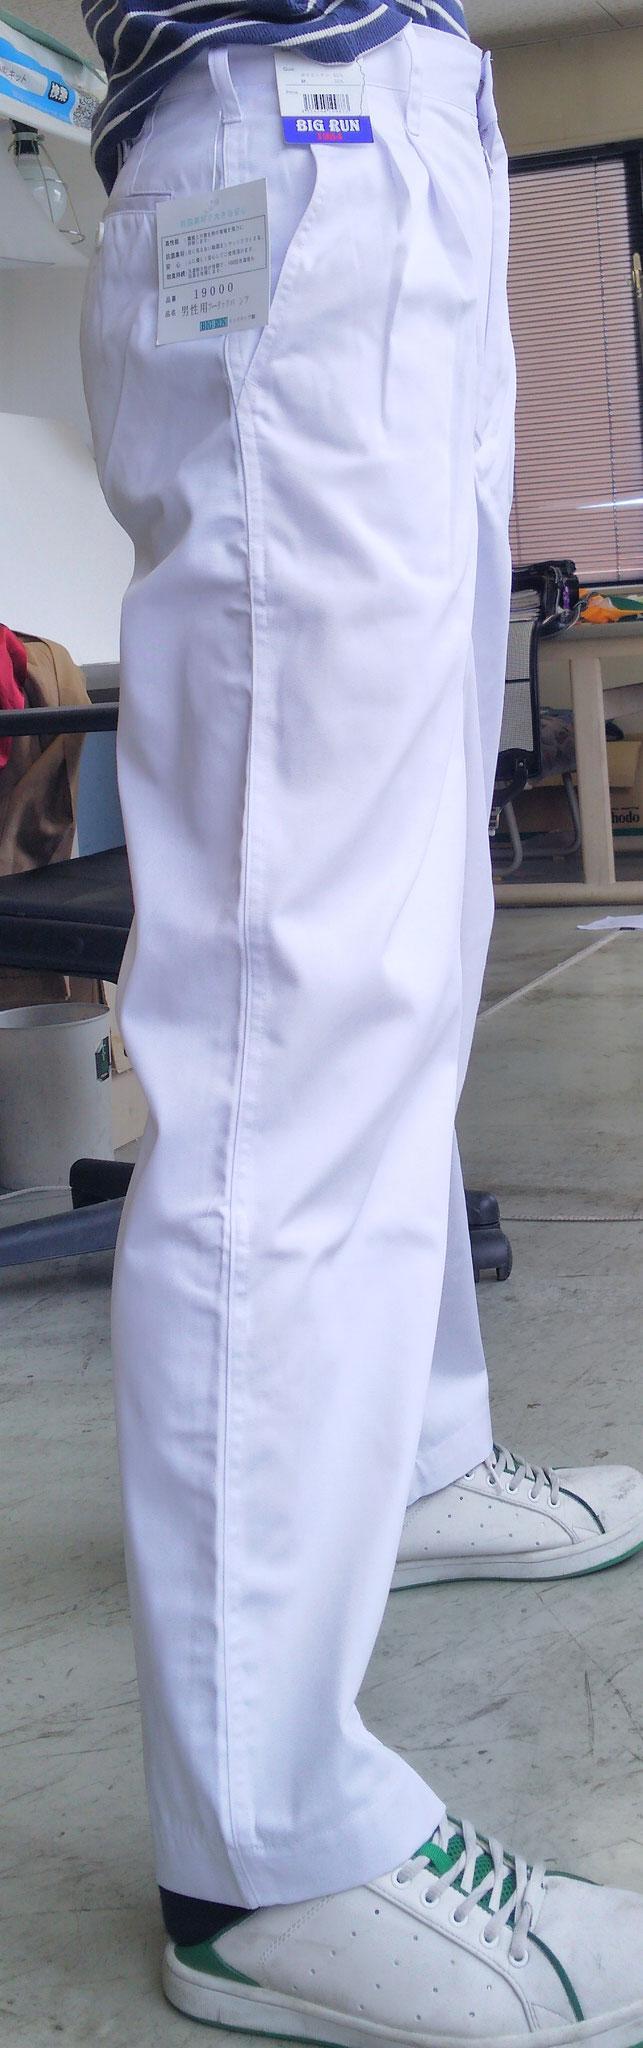 祭り用白ズボン ツータックなので、太ももはゆったりしています。